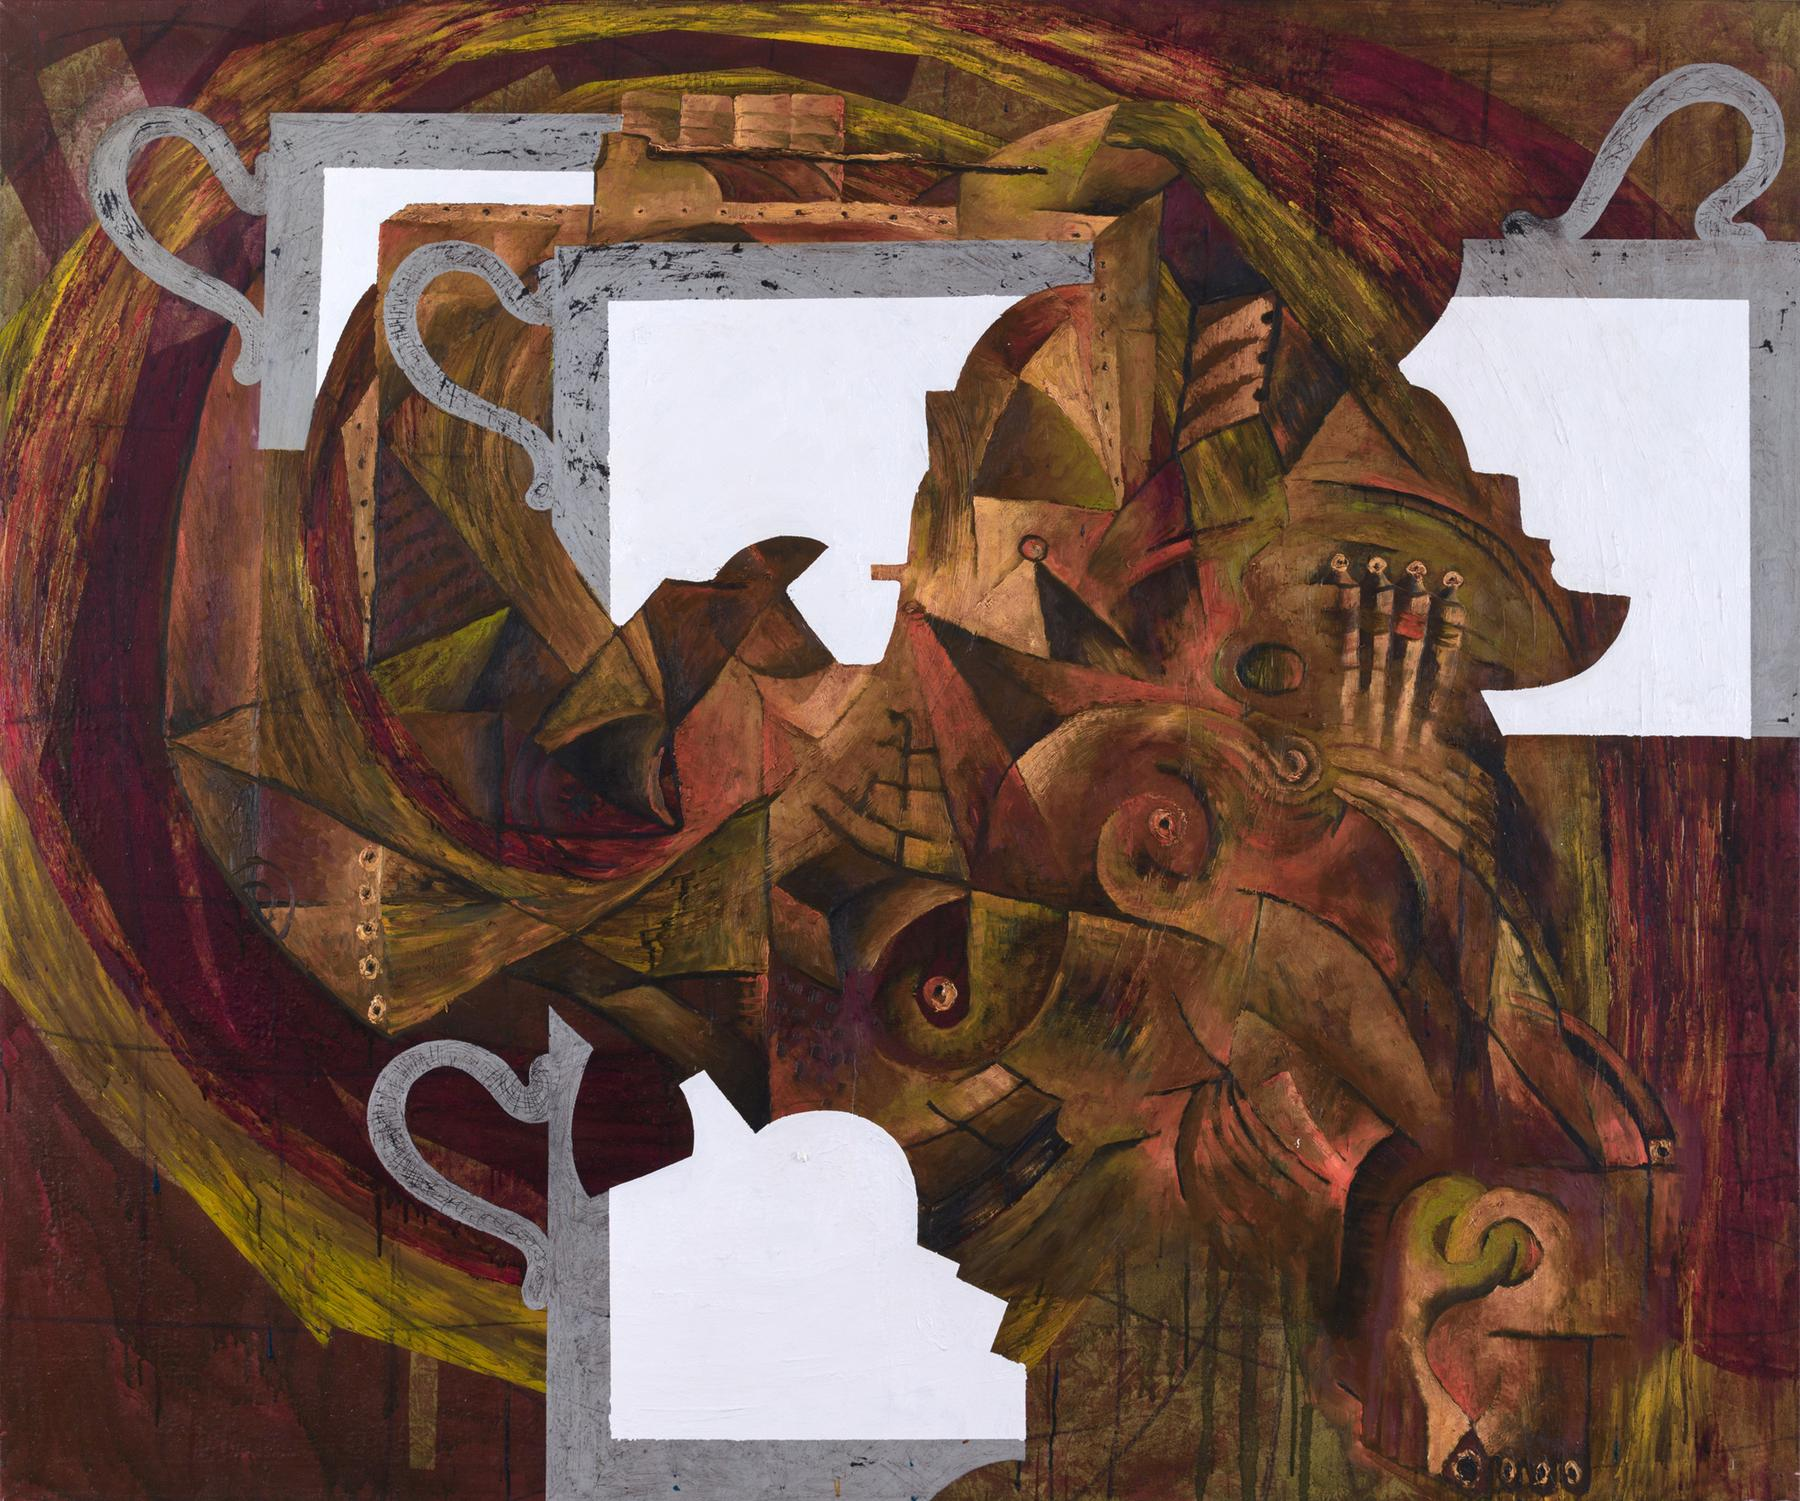 Charline von Heyl Untitled (8/90) 1990